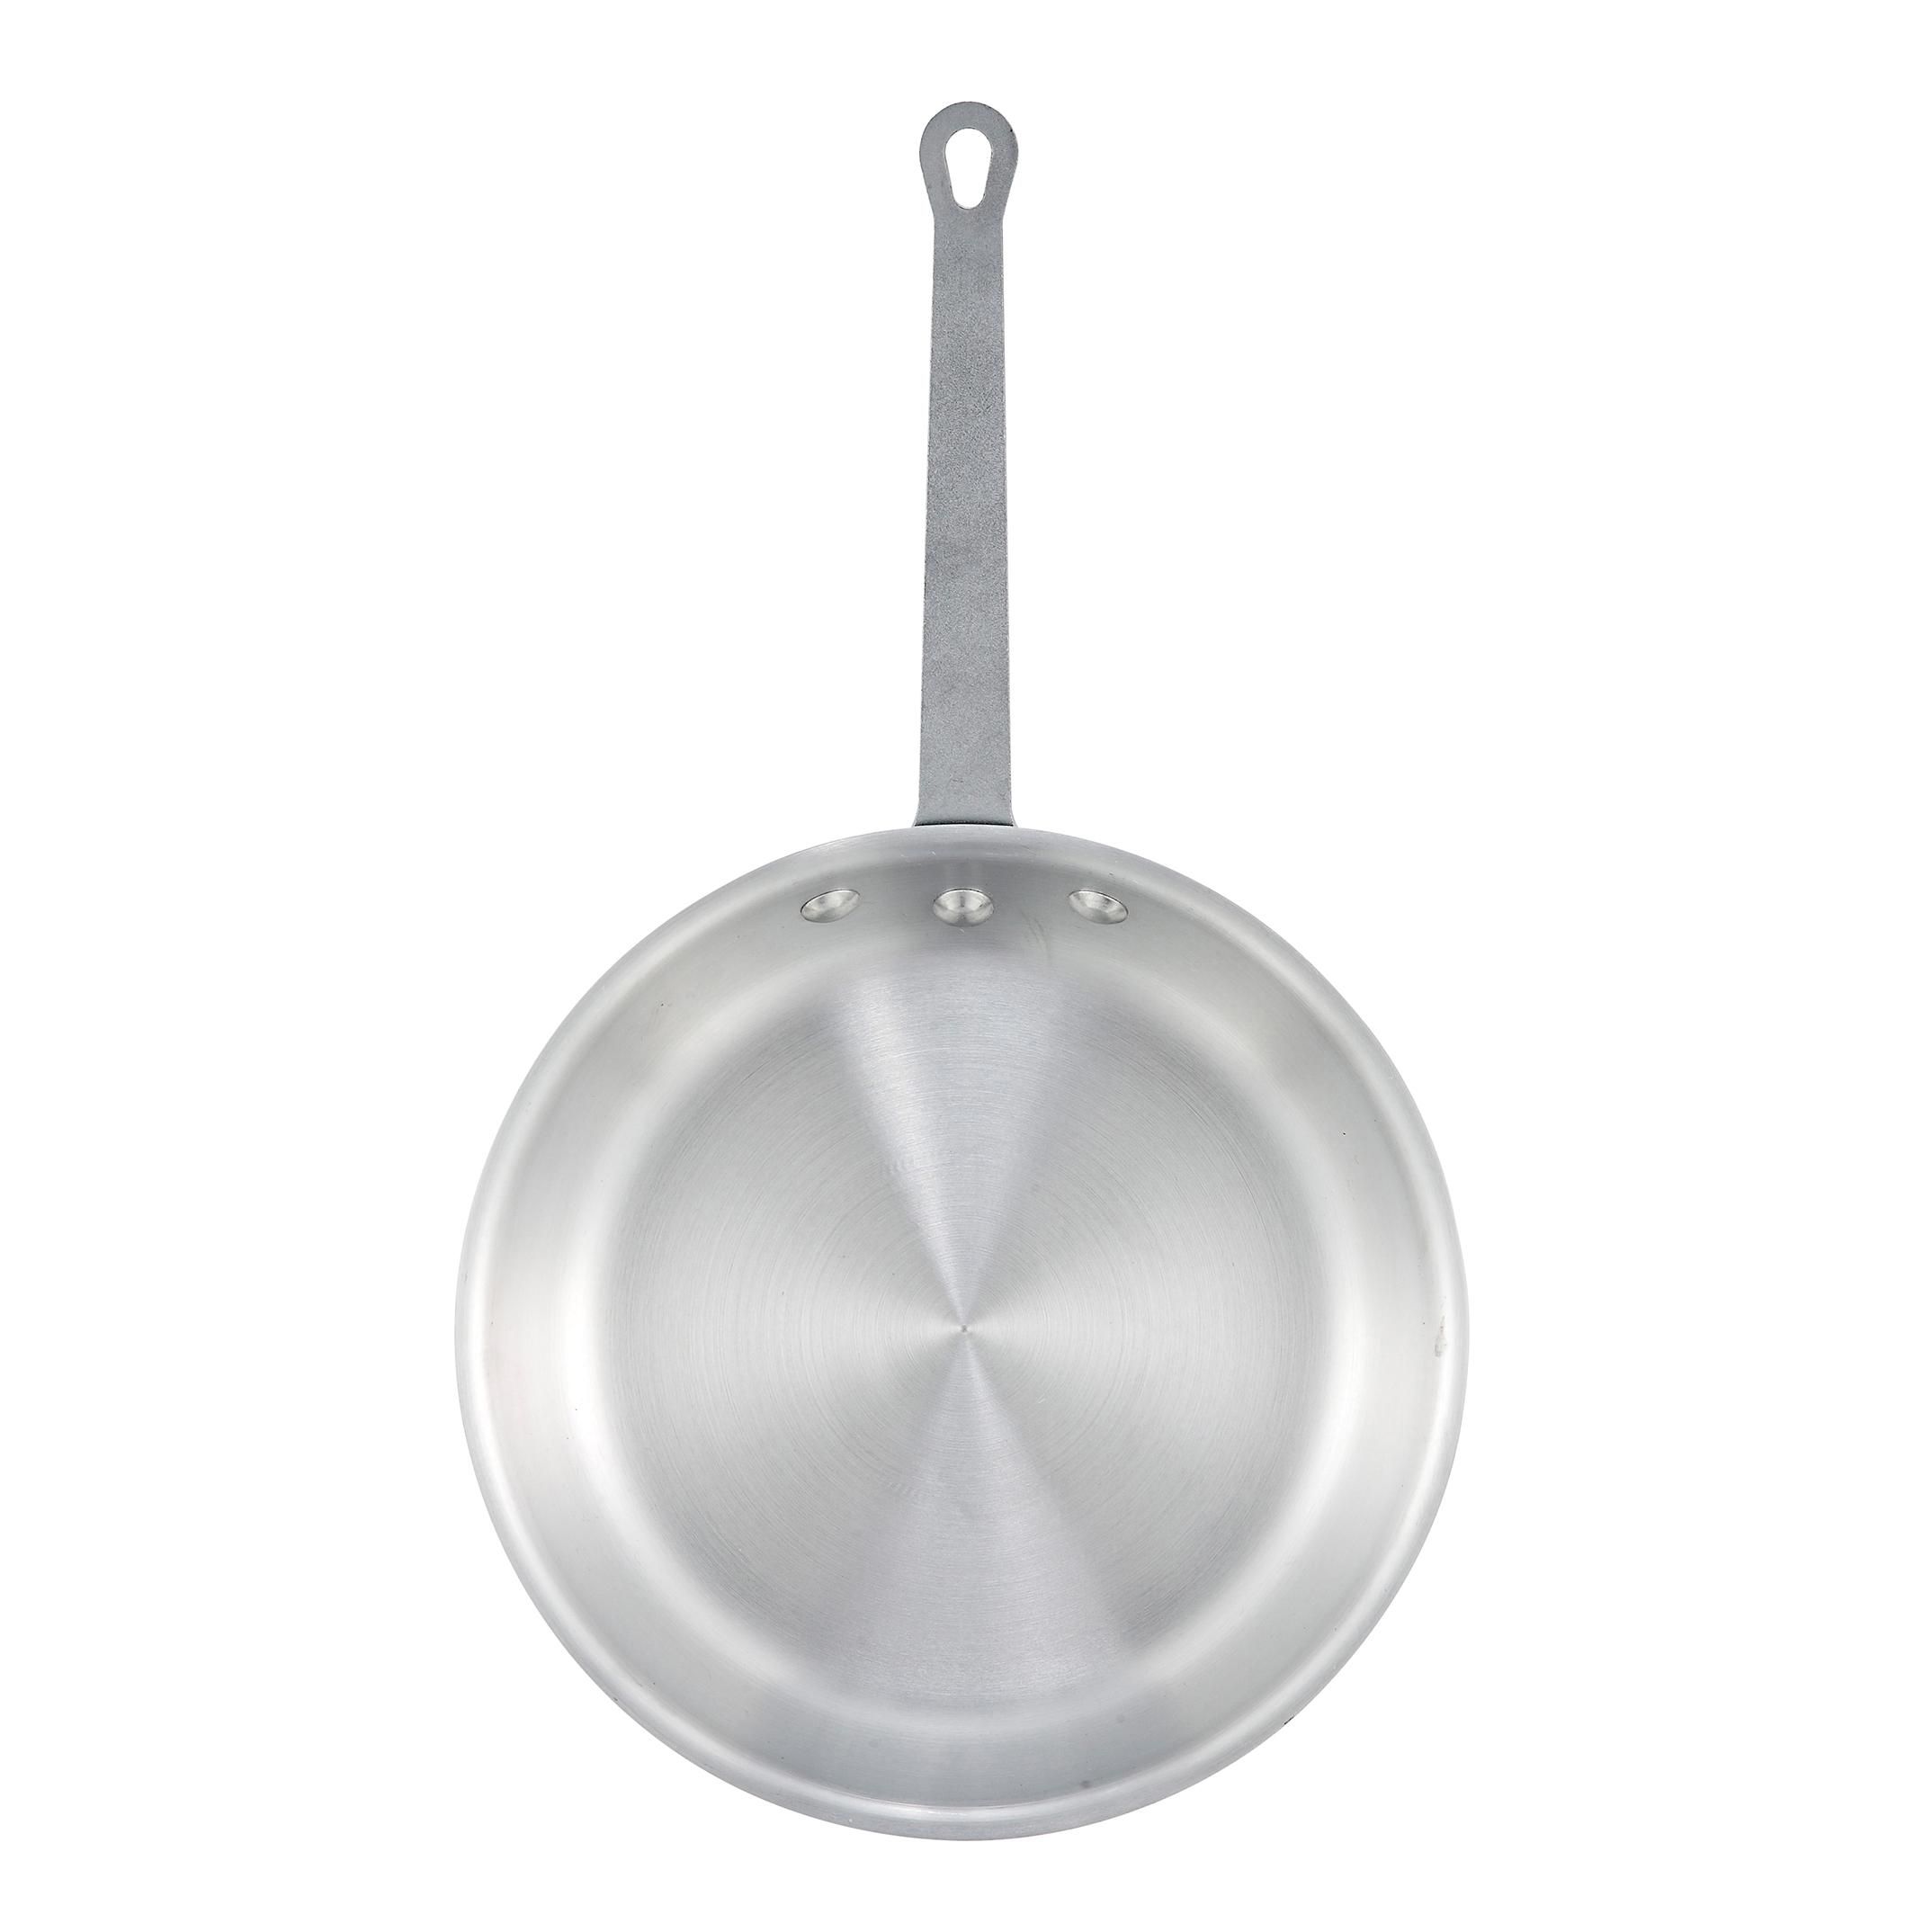 Winco AFP-7A fry pan